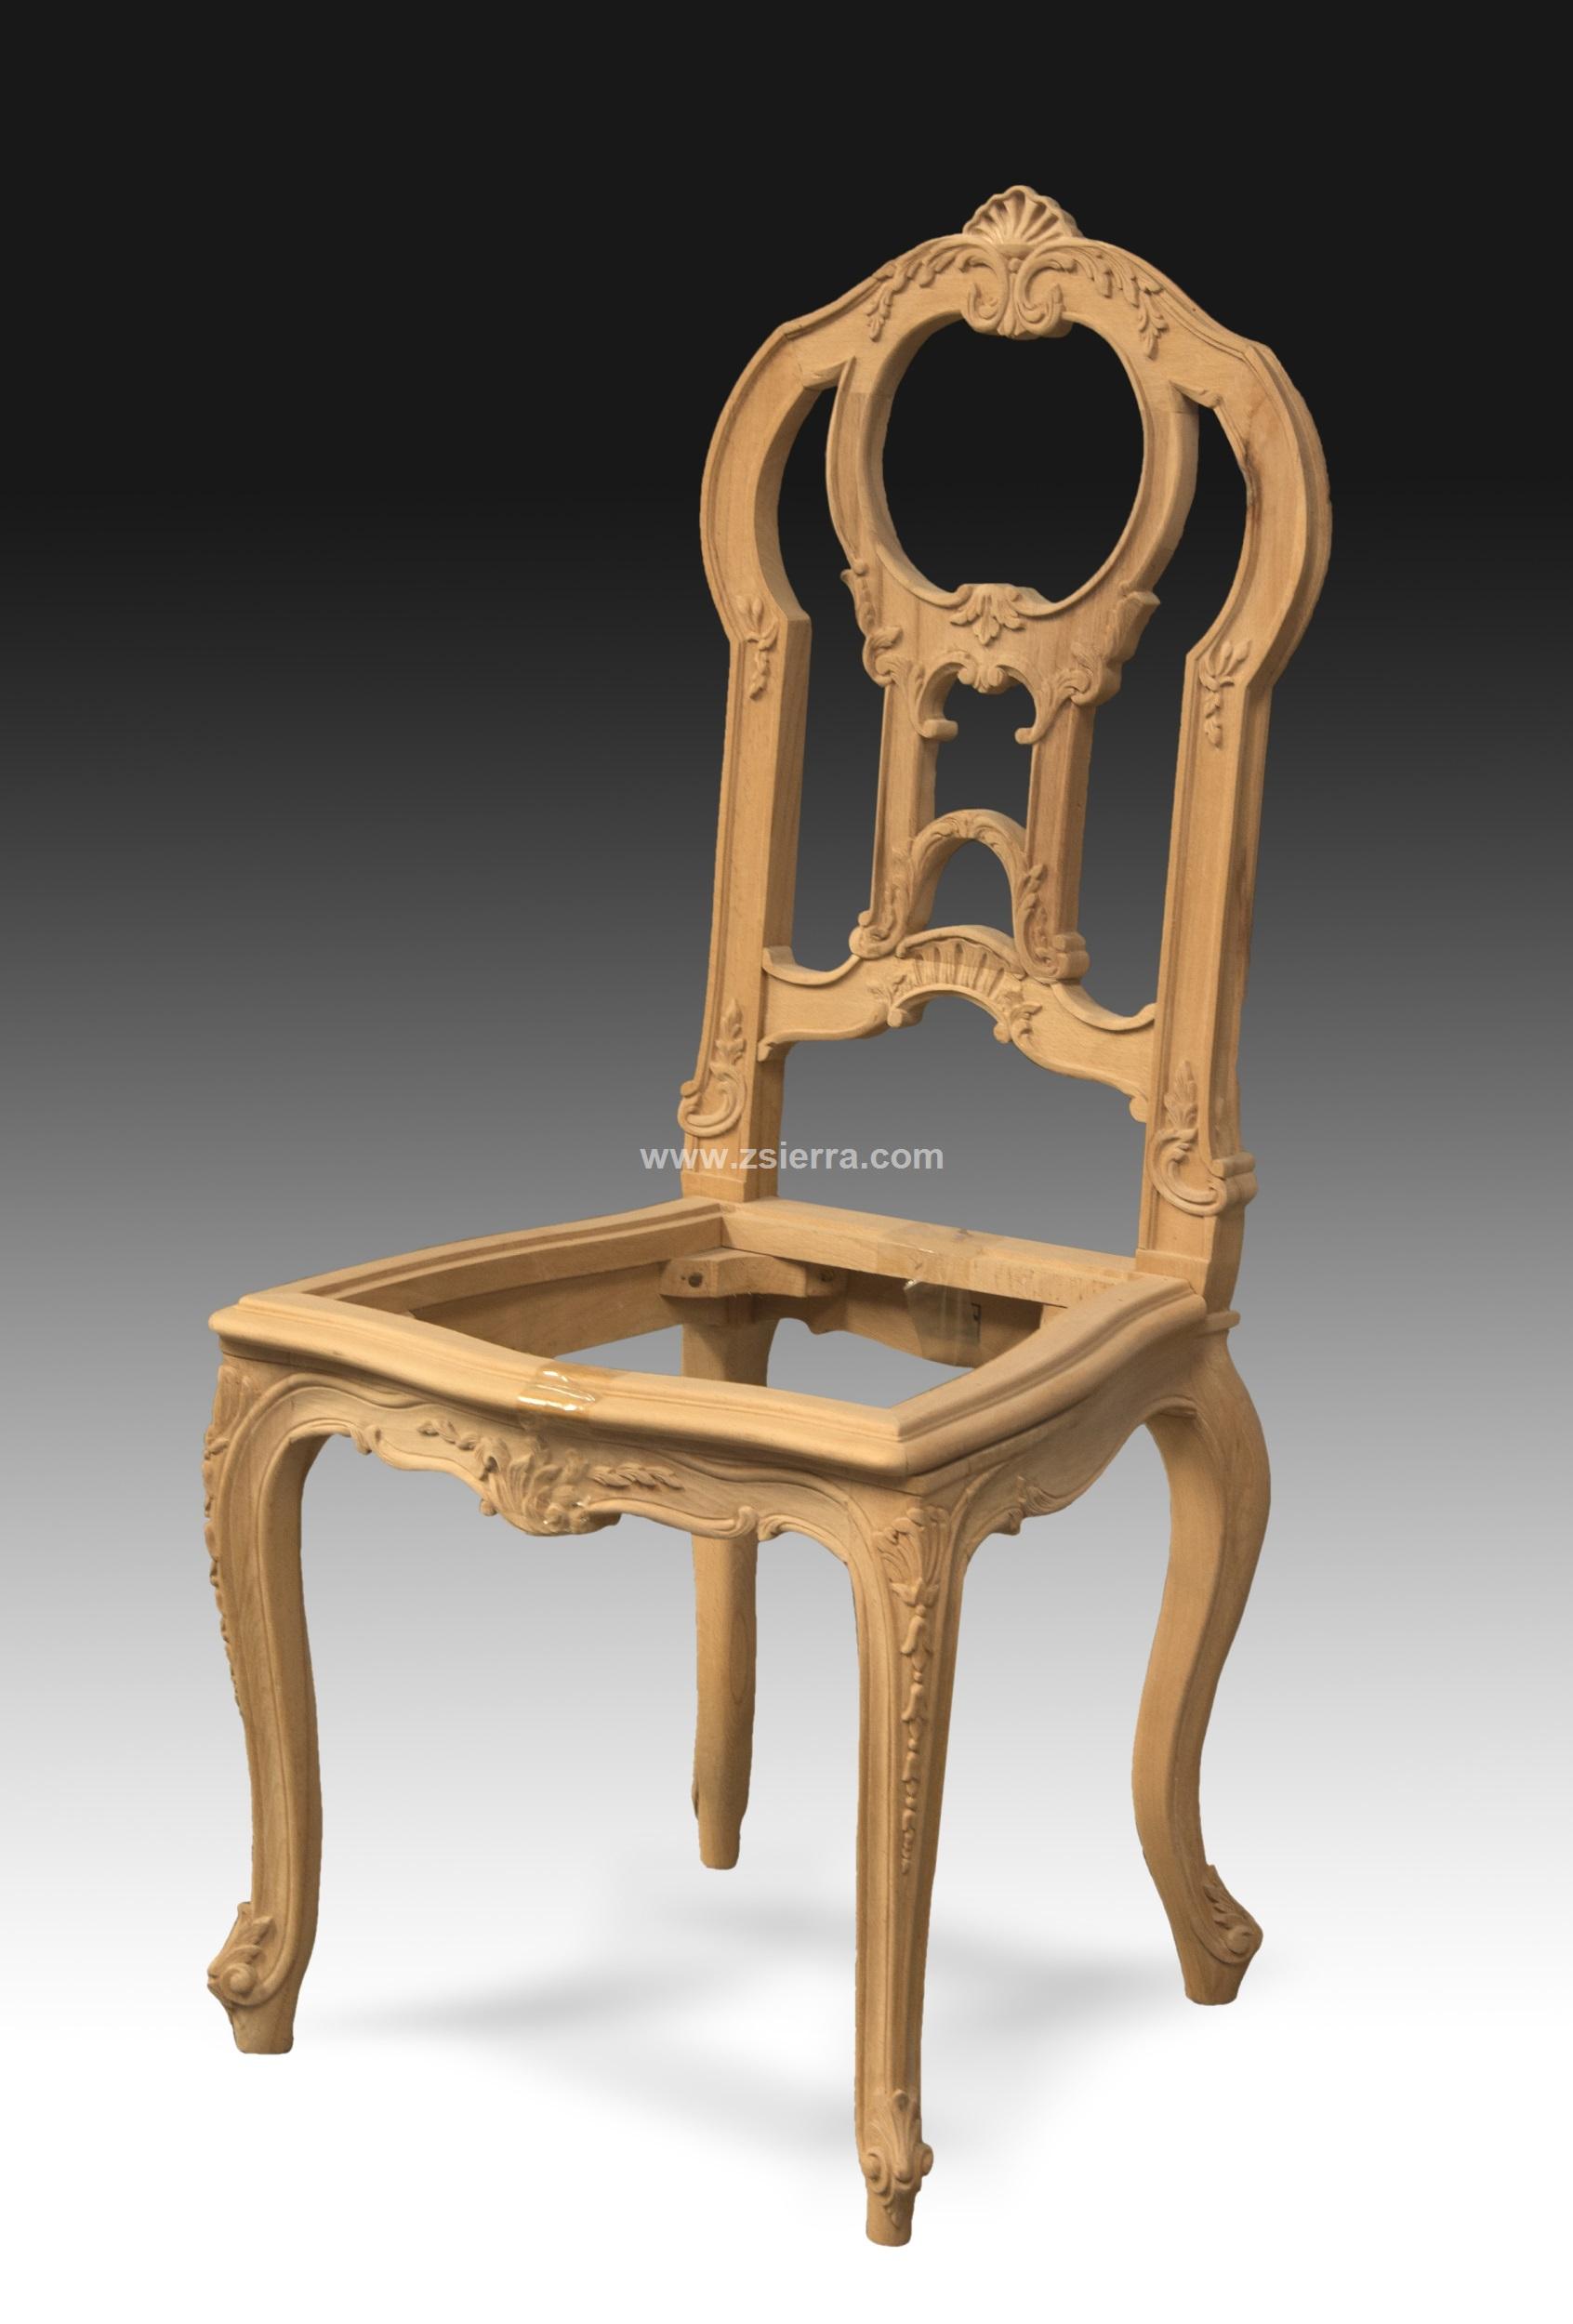 Z sierra antig edades y objetos de decoraci n silla - Silla estilo luis xv ...